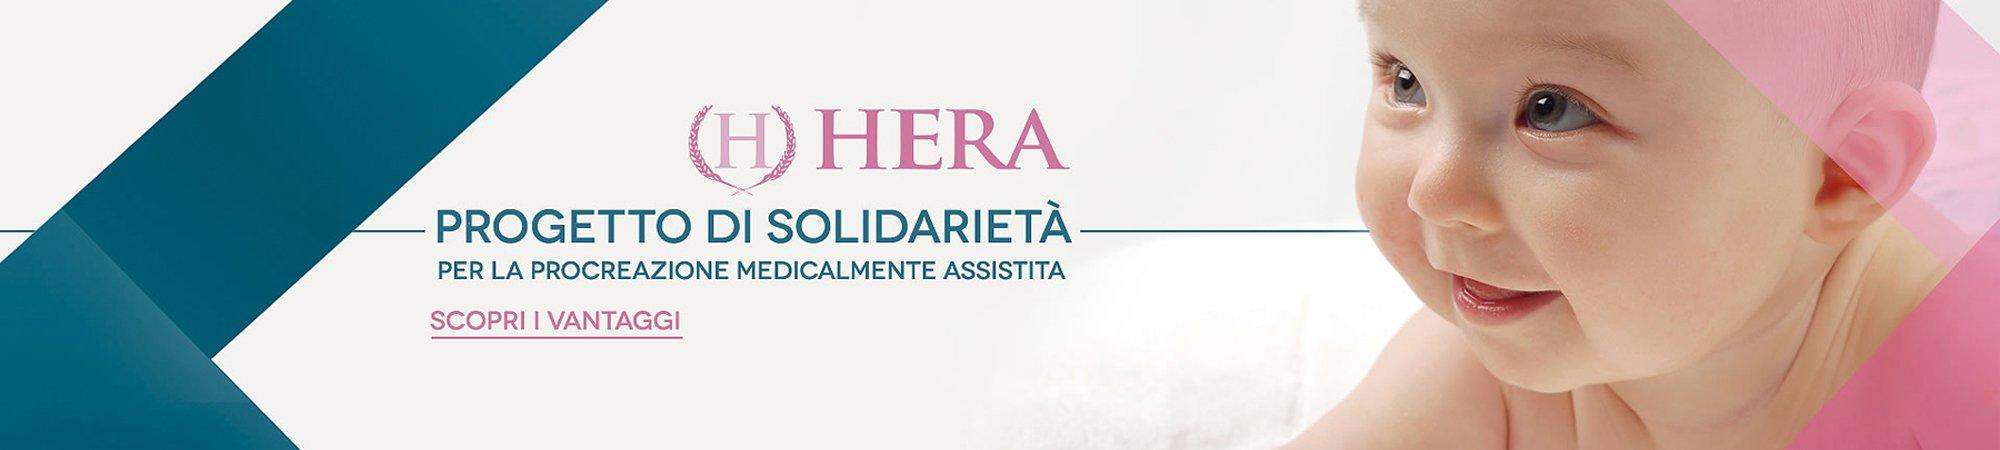 clinica hera